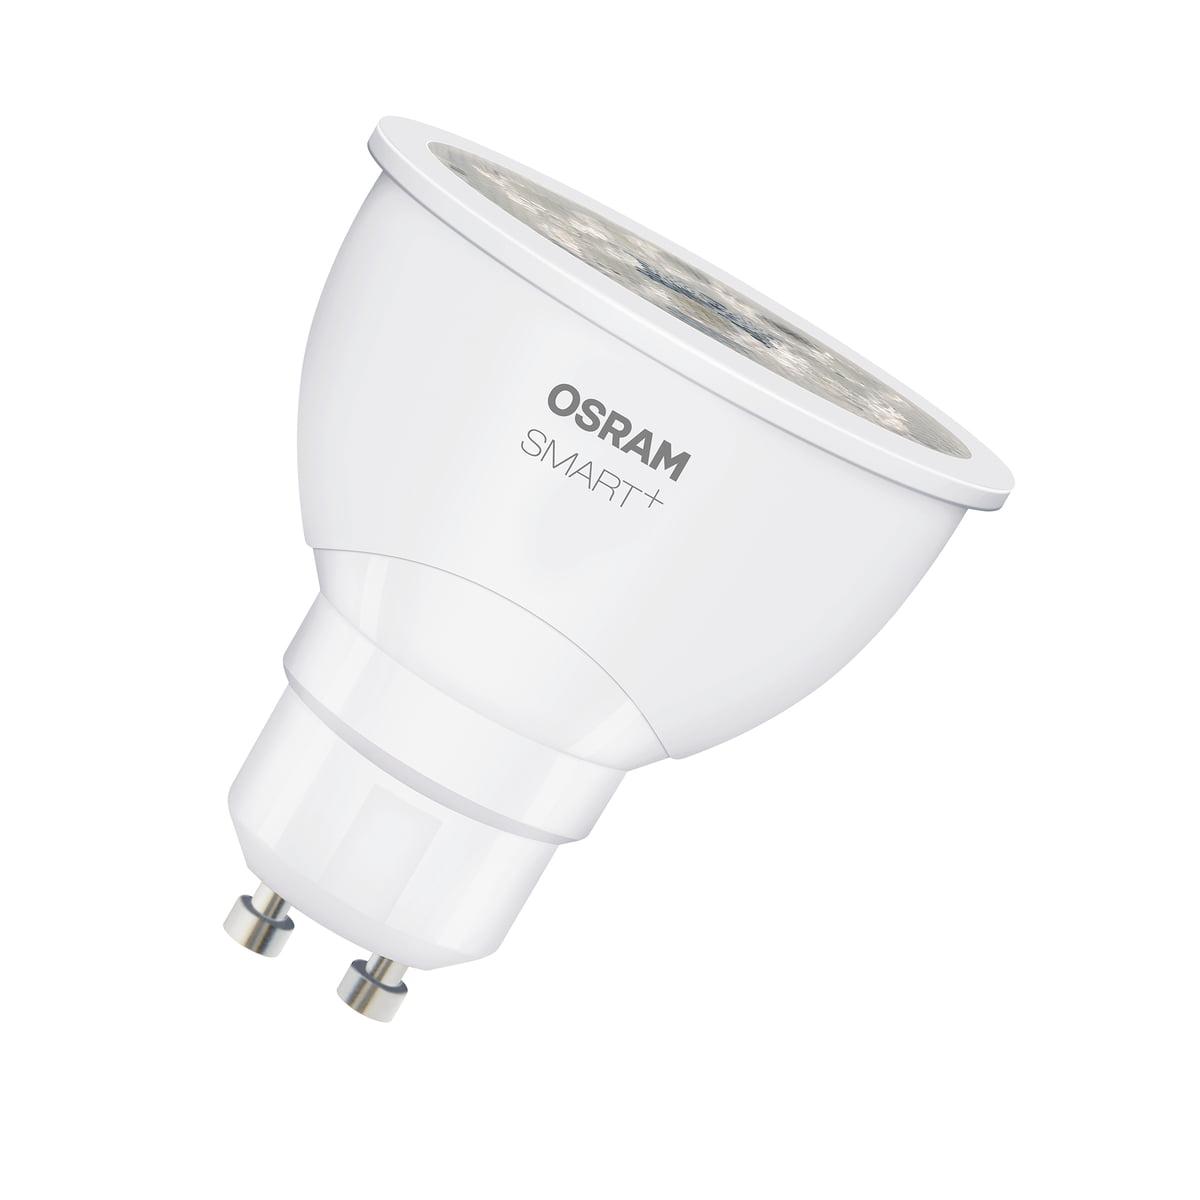 smart led par 16 lampe gu10 von osram. Black Bedroom Furniture Sets. Home Design Ideas